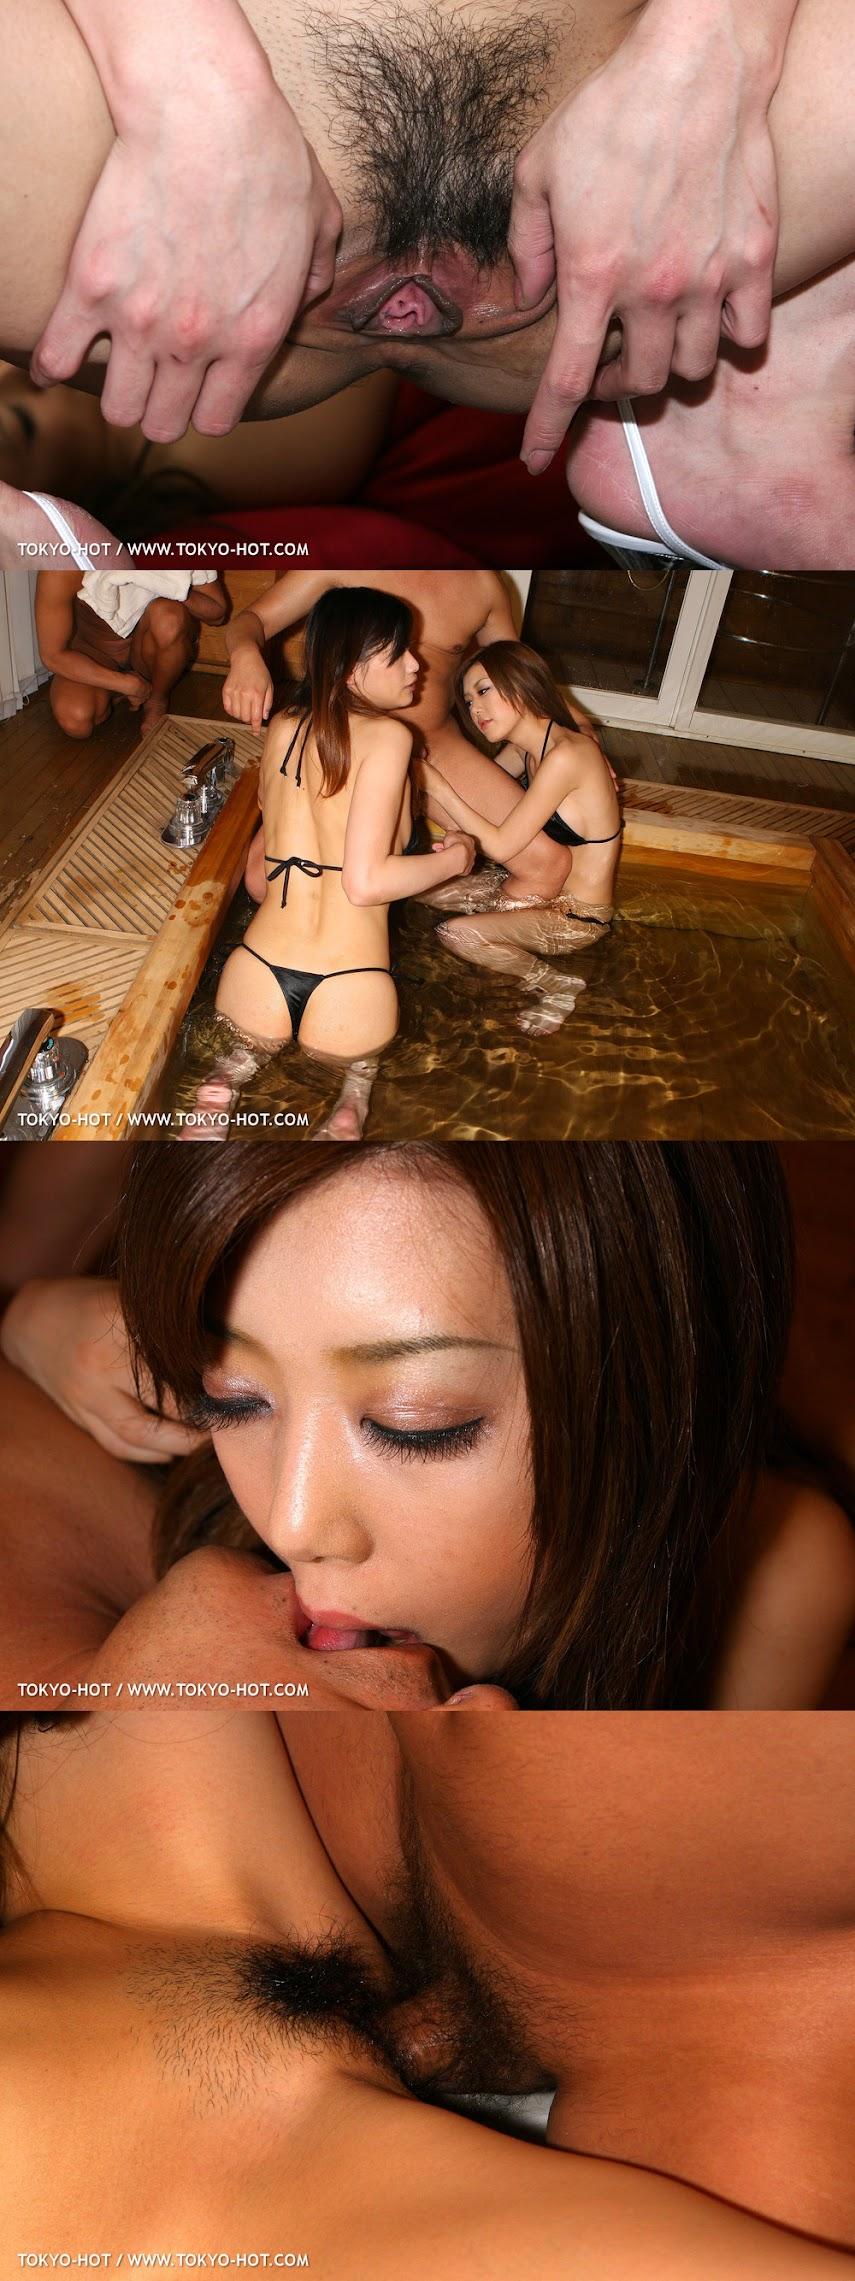 e219RQ_sp01_003.zip-jk- Tokyo-Hot e219RQ sp01 005 tokyo-hot 09160